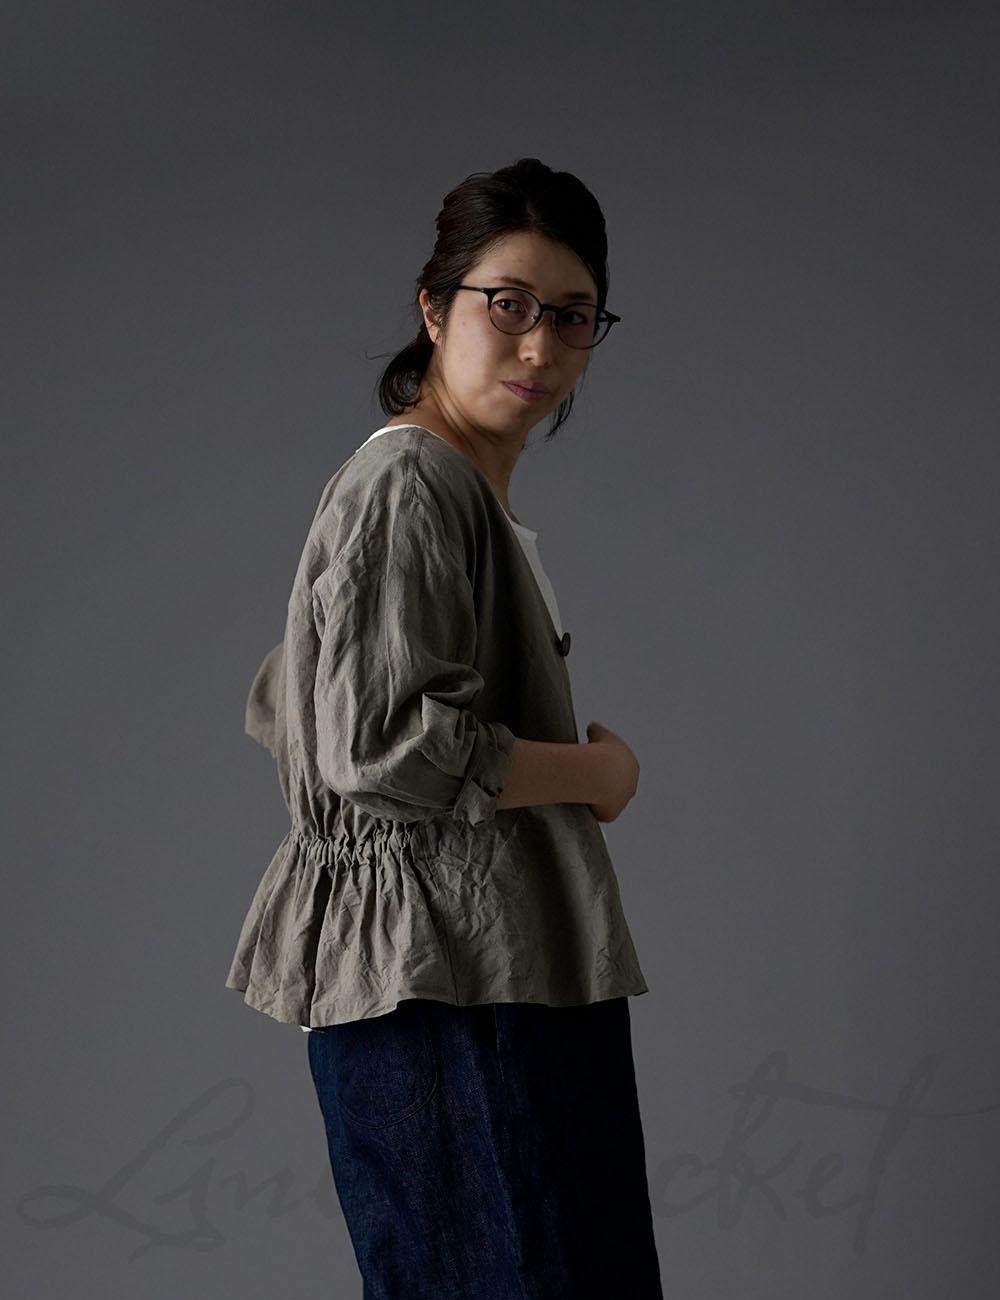 【7月10日21時~販売開始!】Linen Basque jacket リネン100% バスク・ジャケット ハンドワッシャー/ h005d-rku1